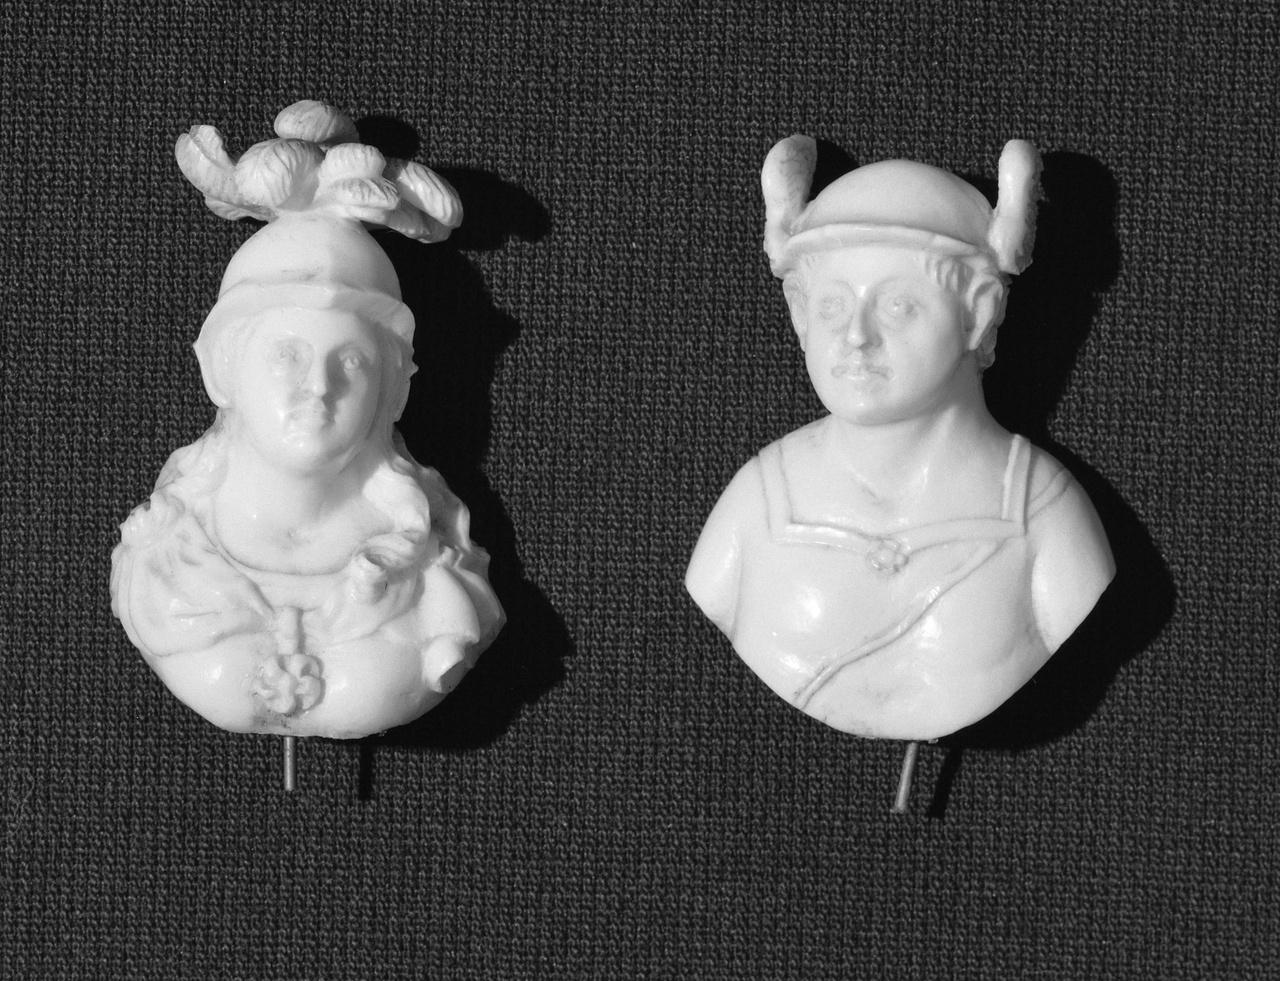 Twee borstbeelden van Minerva en Mercurius